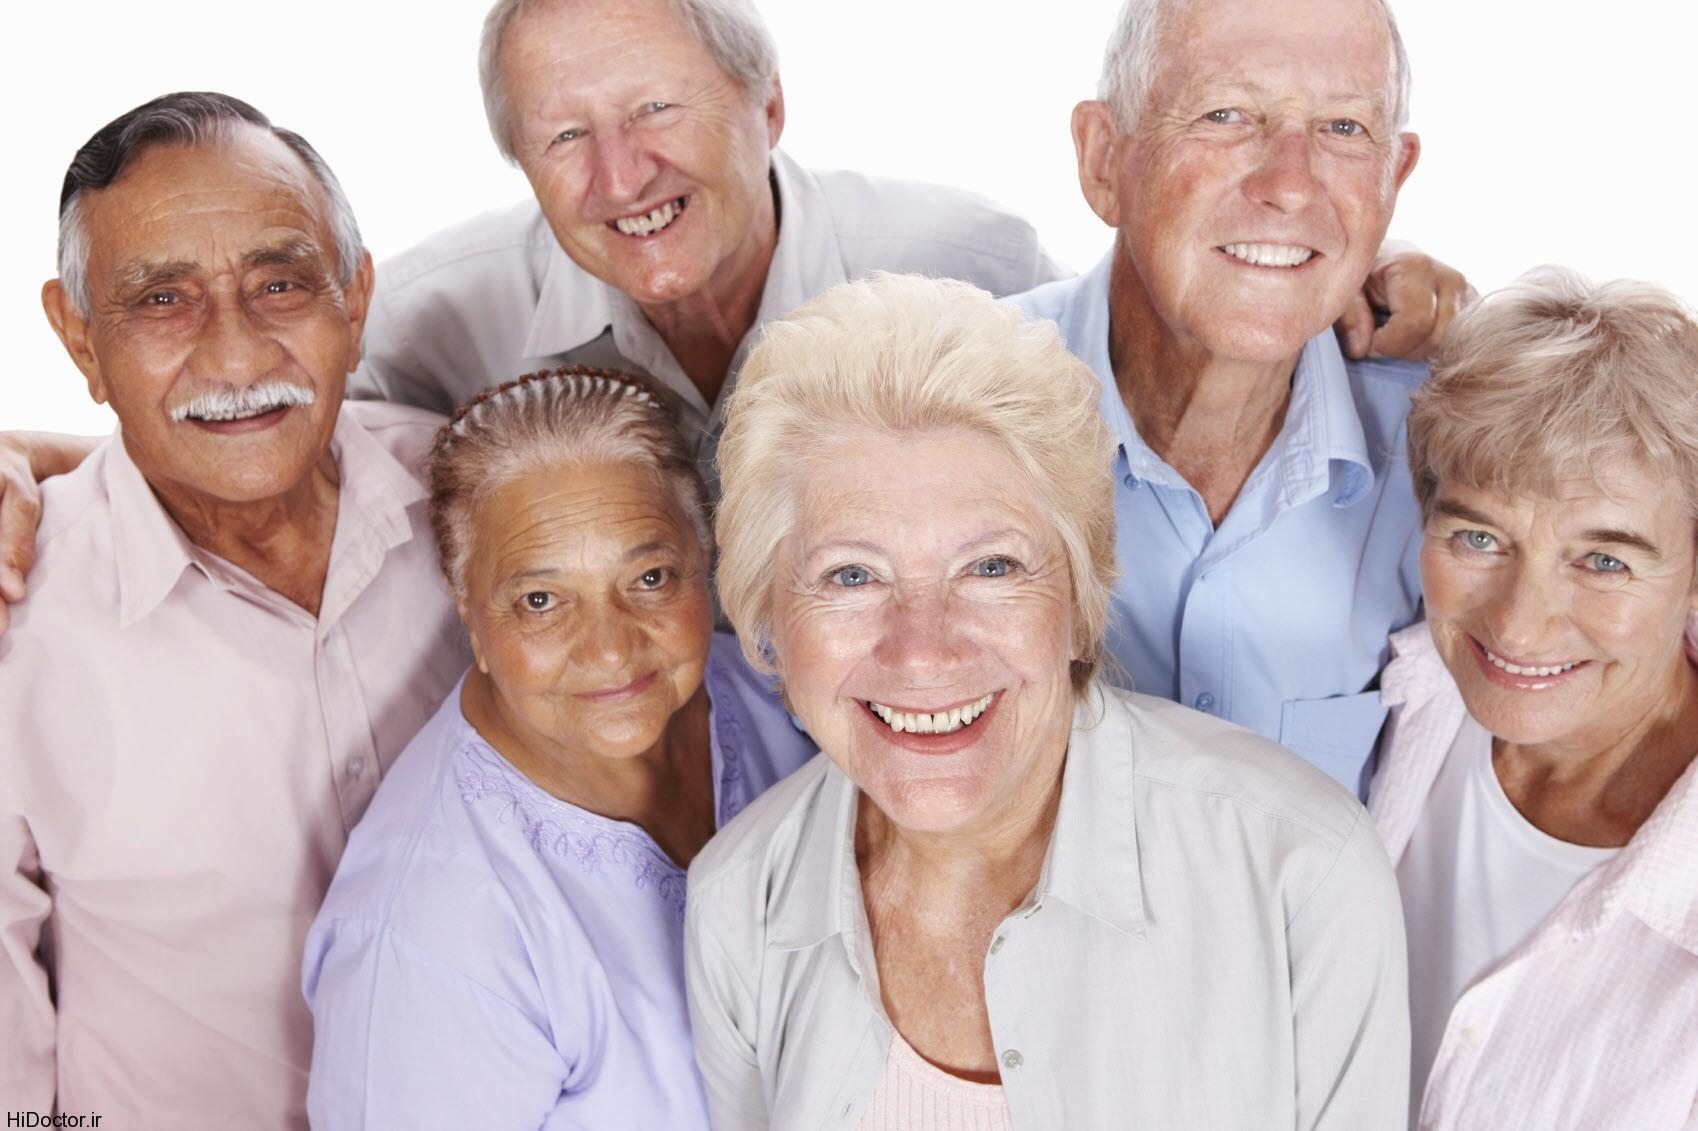 کاهش عملکرد مغز با بازنشستگی